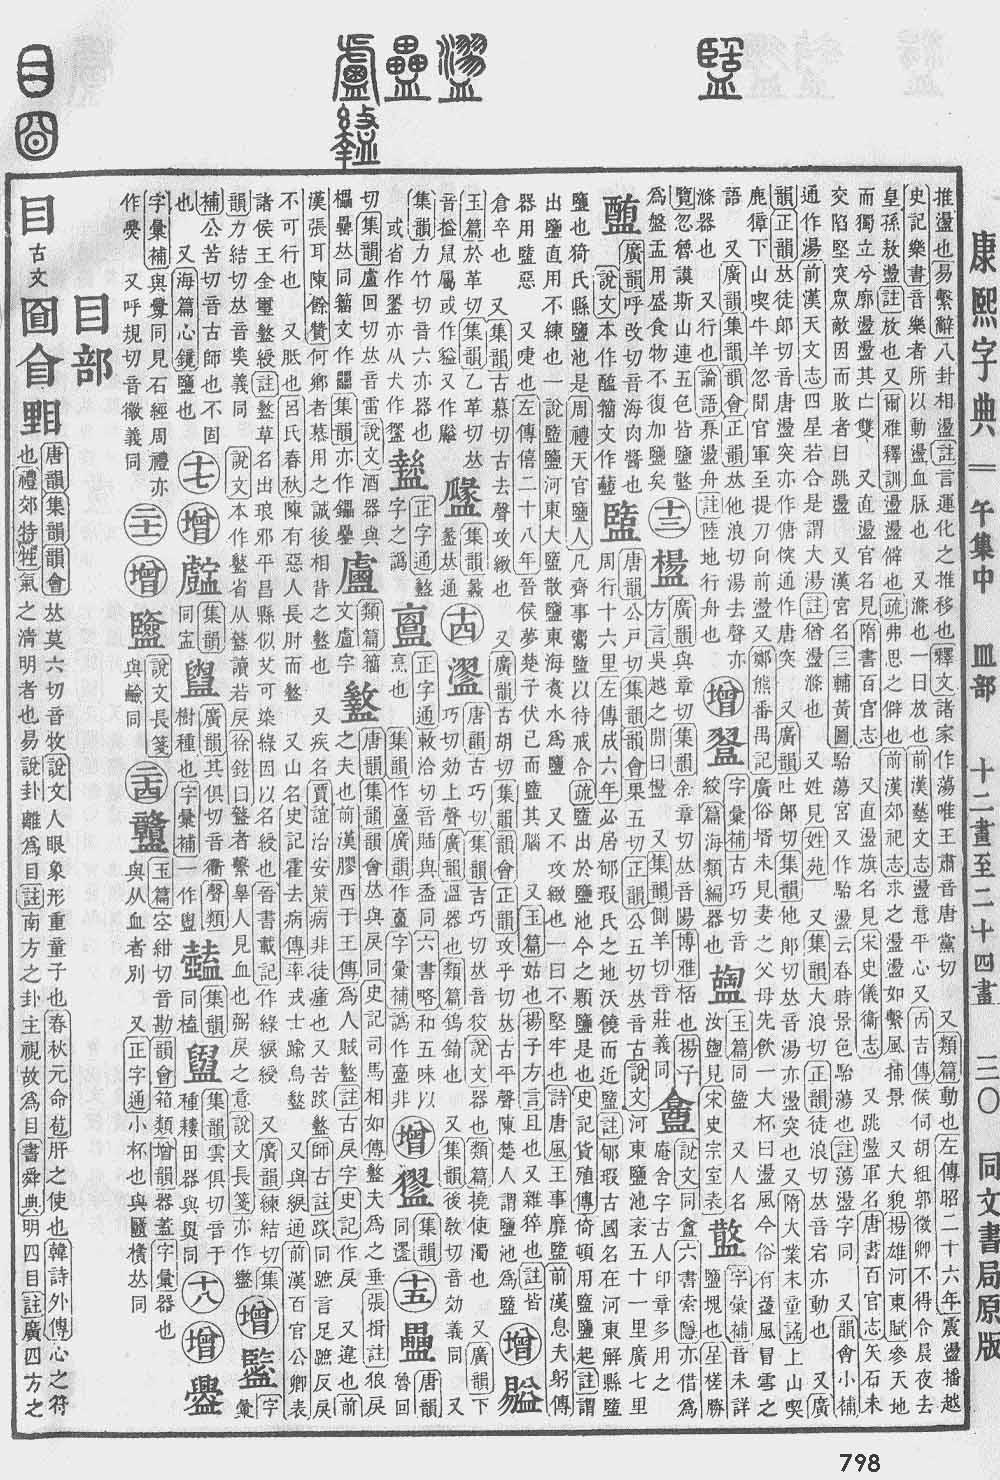 《康熙字典》第798页